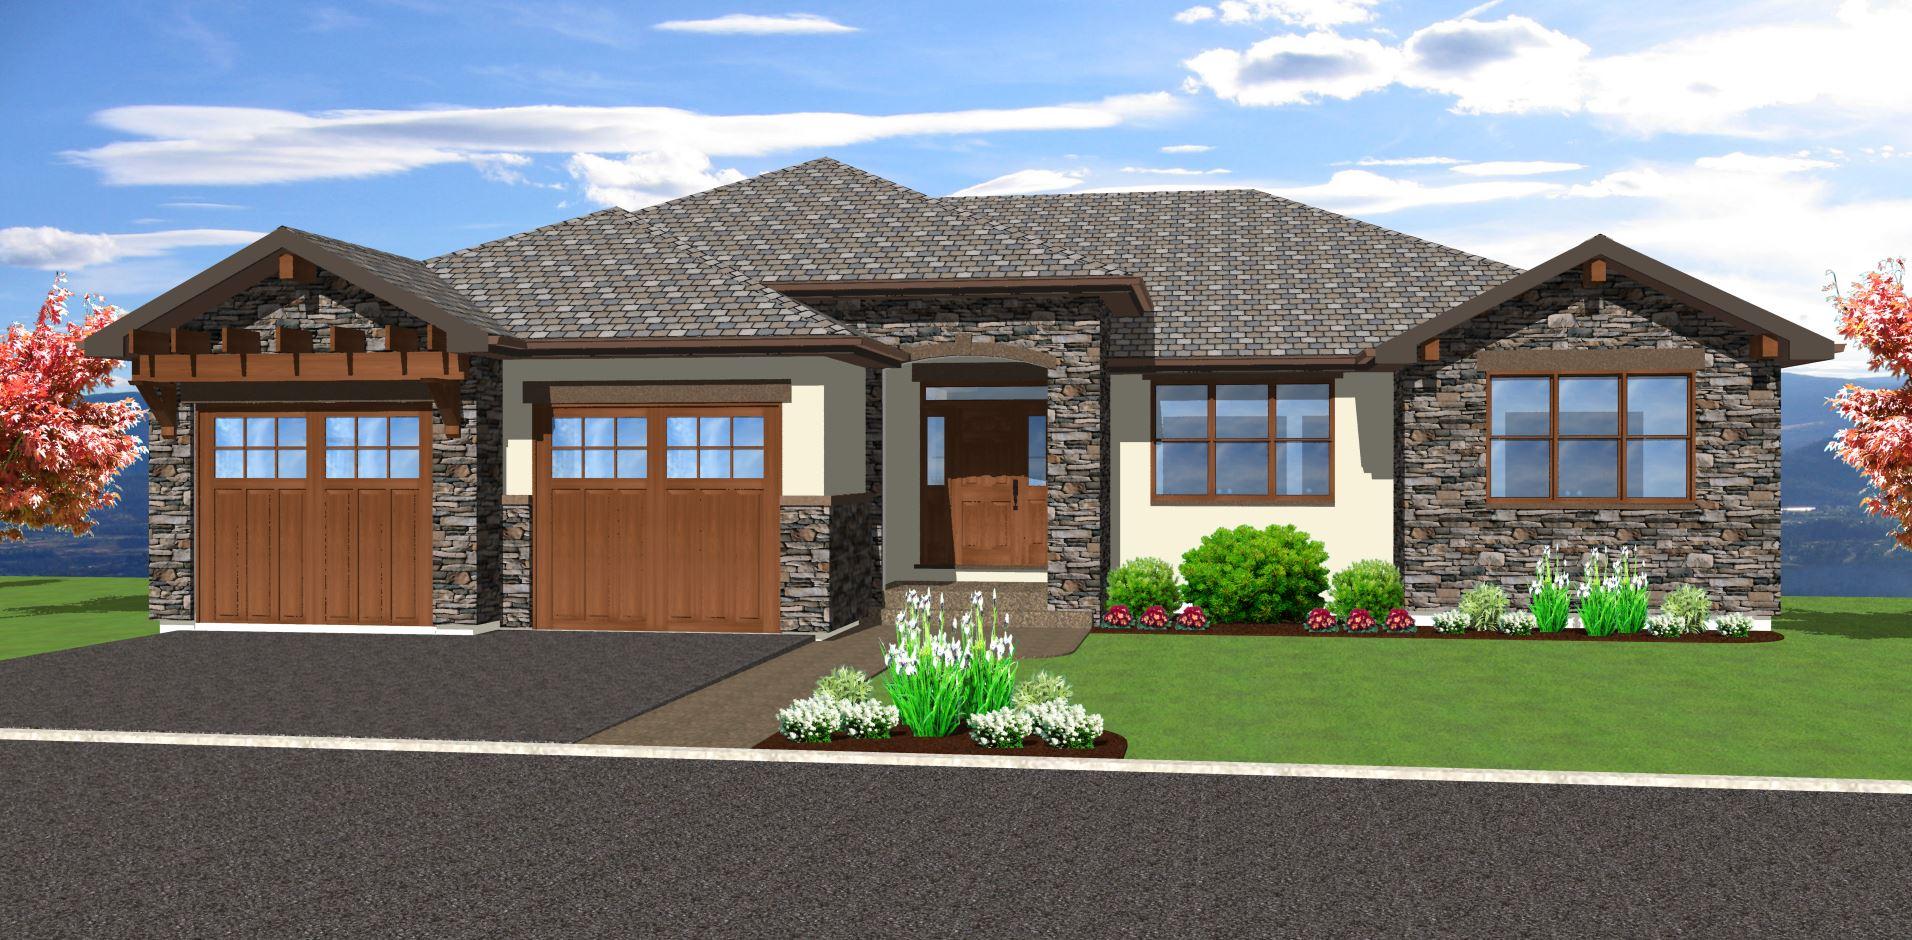 Hillside House Plans with Walkout Basement